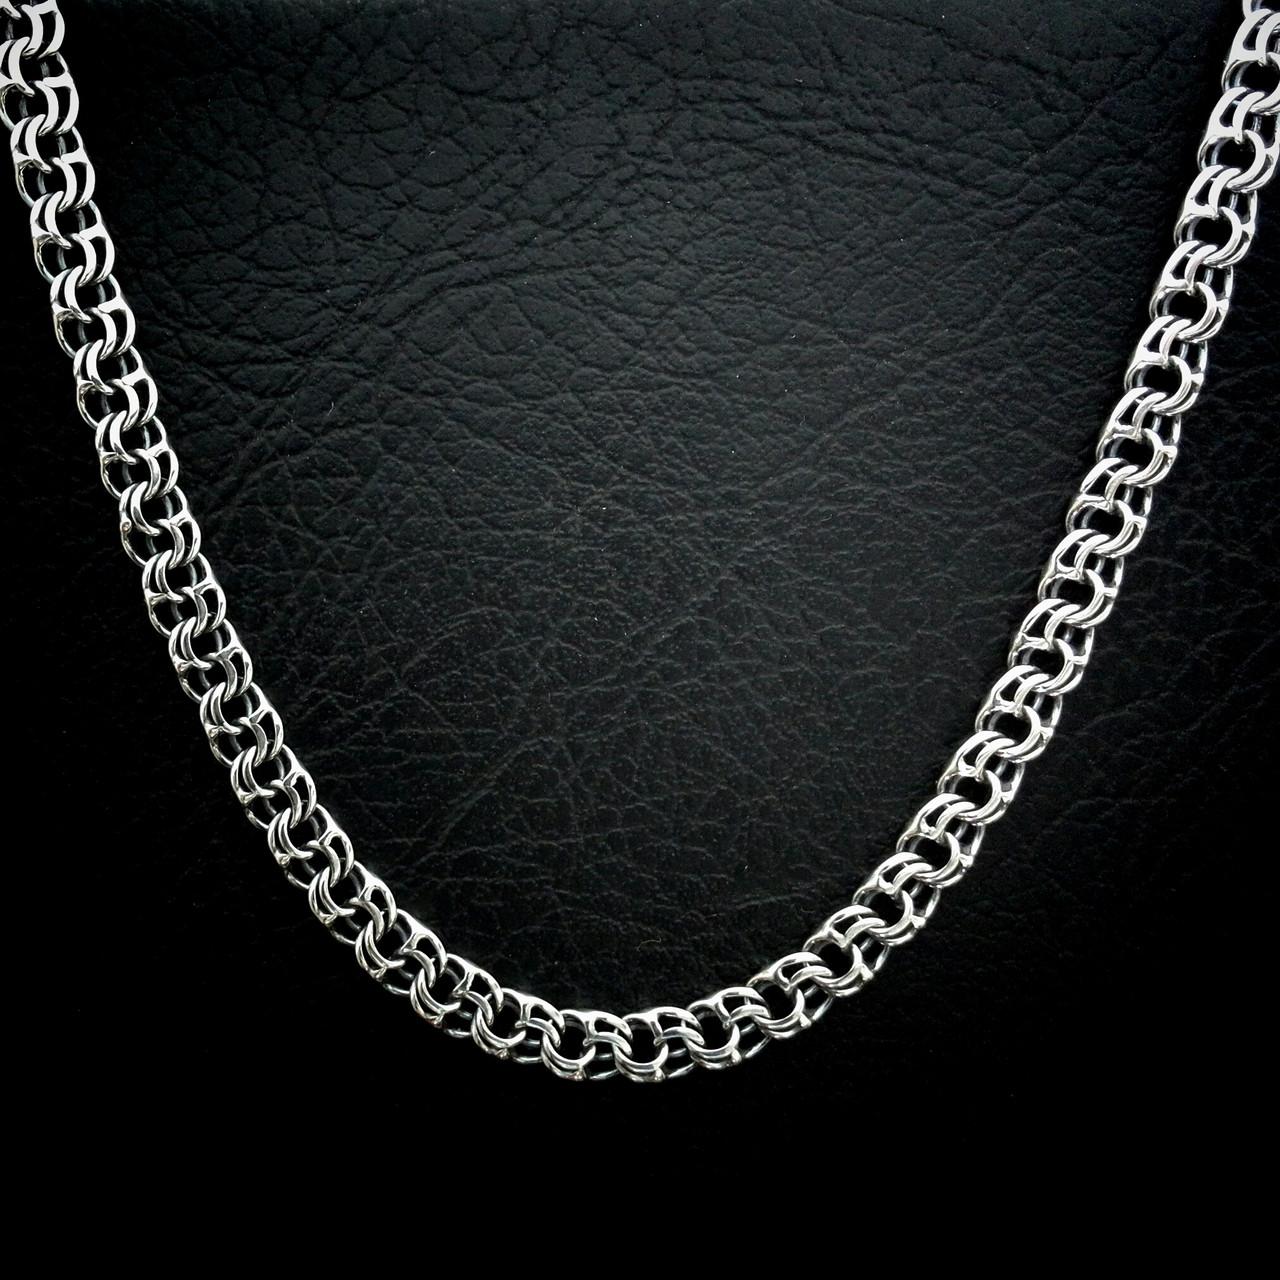 Срібна чоловіча ланцюг, 550мм, 59,3 грам, плетіння Бісмарк